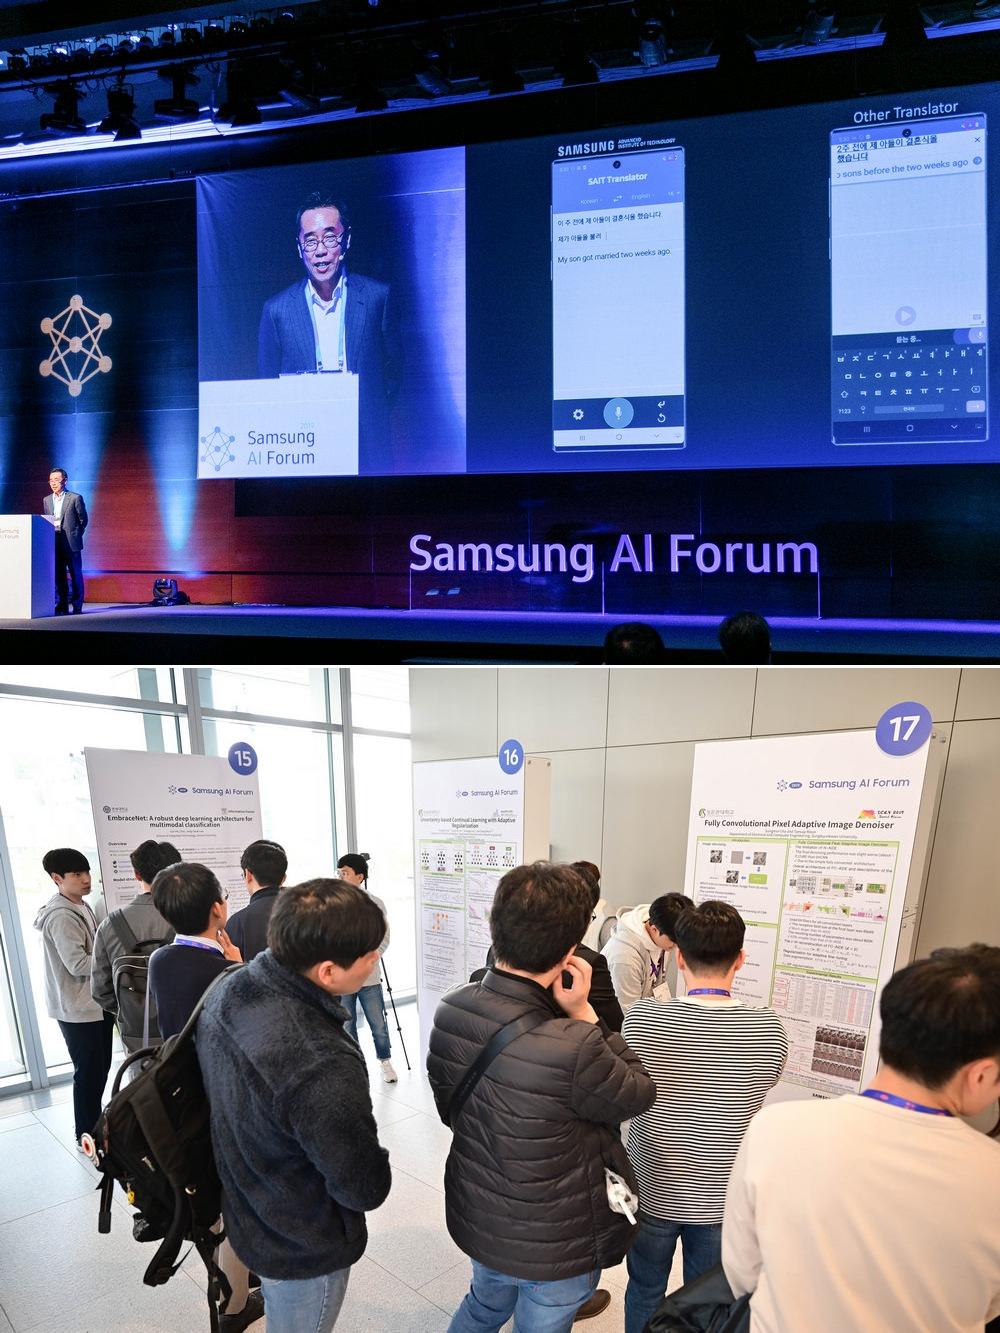 ▲ 삼성전자 종합기술원 황성우 부사장이 '온 디바이스(On-Device AI) 통역 기술'을 시연하고 있다 (위 사진) 참가자들이 전시된 포스터들을 둘러보고 있다 (아래 사진)